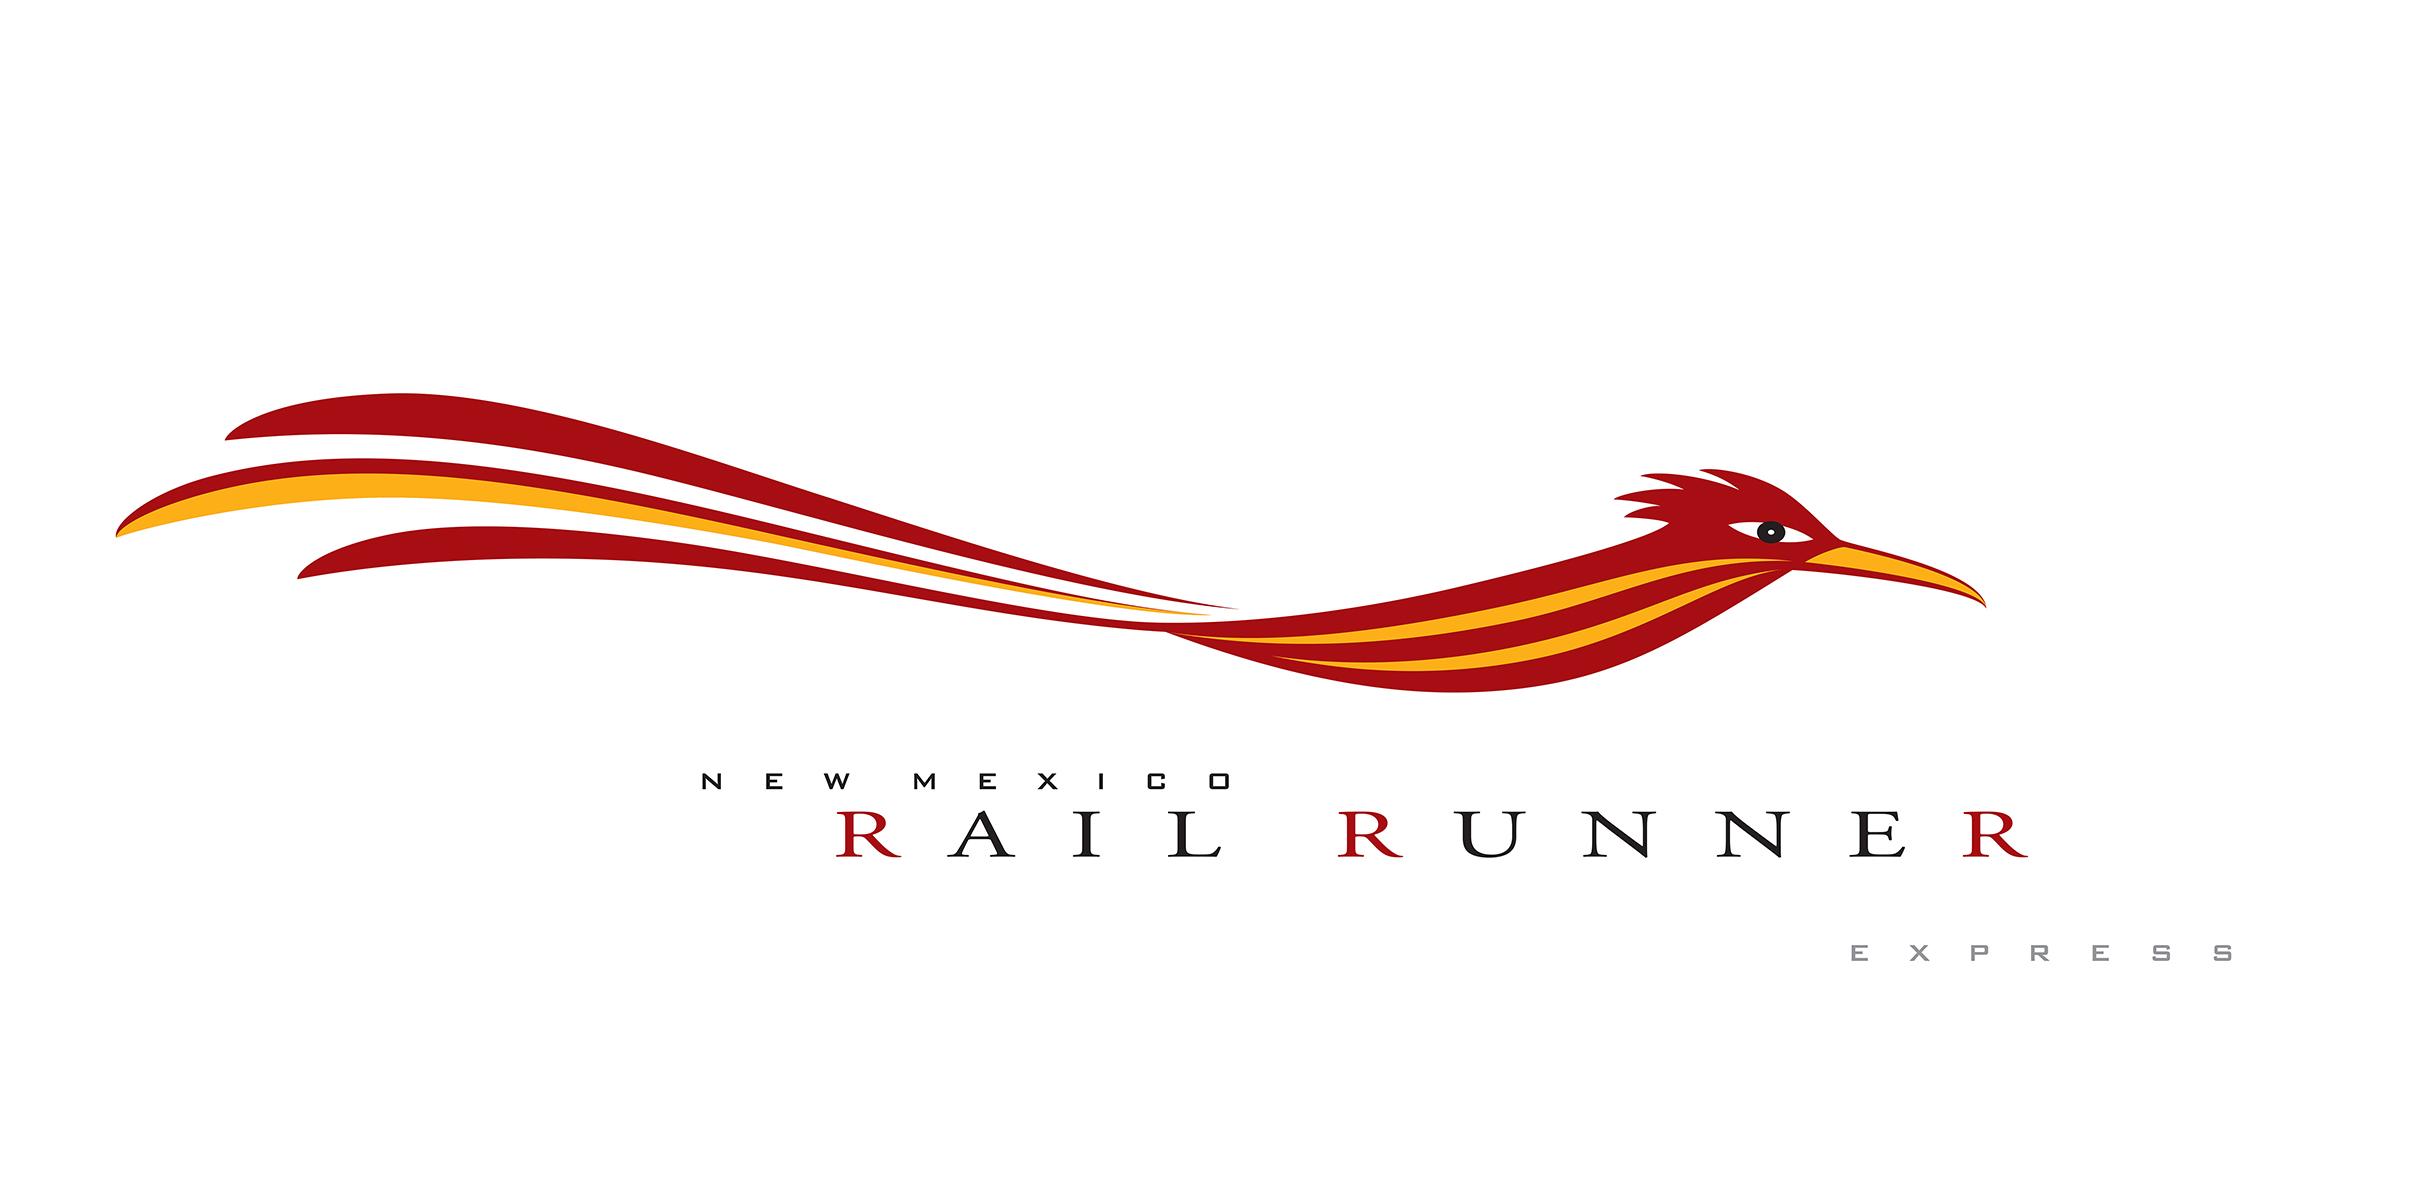 NM_Railrunner_logo3.jpg